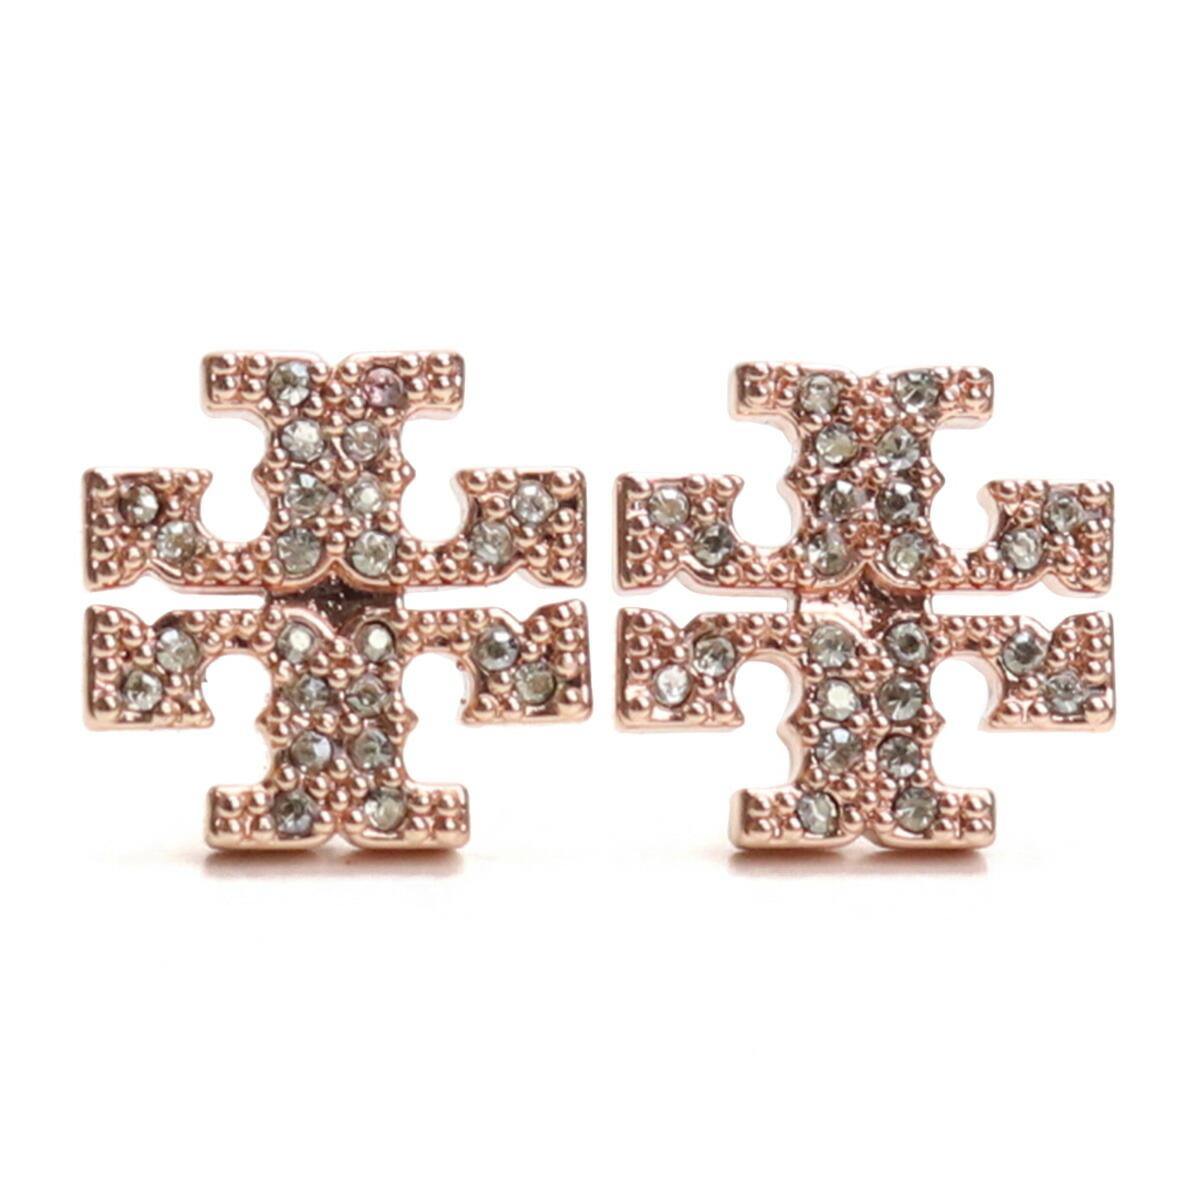 トリーバーチ TORY BURCH KIRA PAVE STUD EARRING ピアス ブランドアクセサー ブランドロゴ 53423 696 ROSE GOLD クリア系 accessory-01